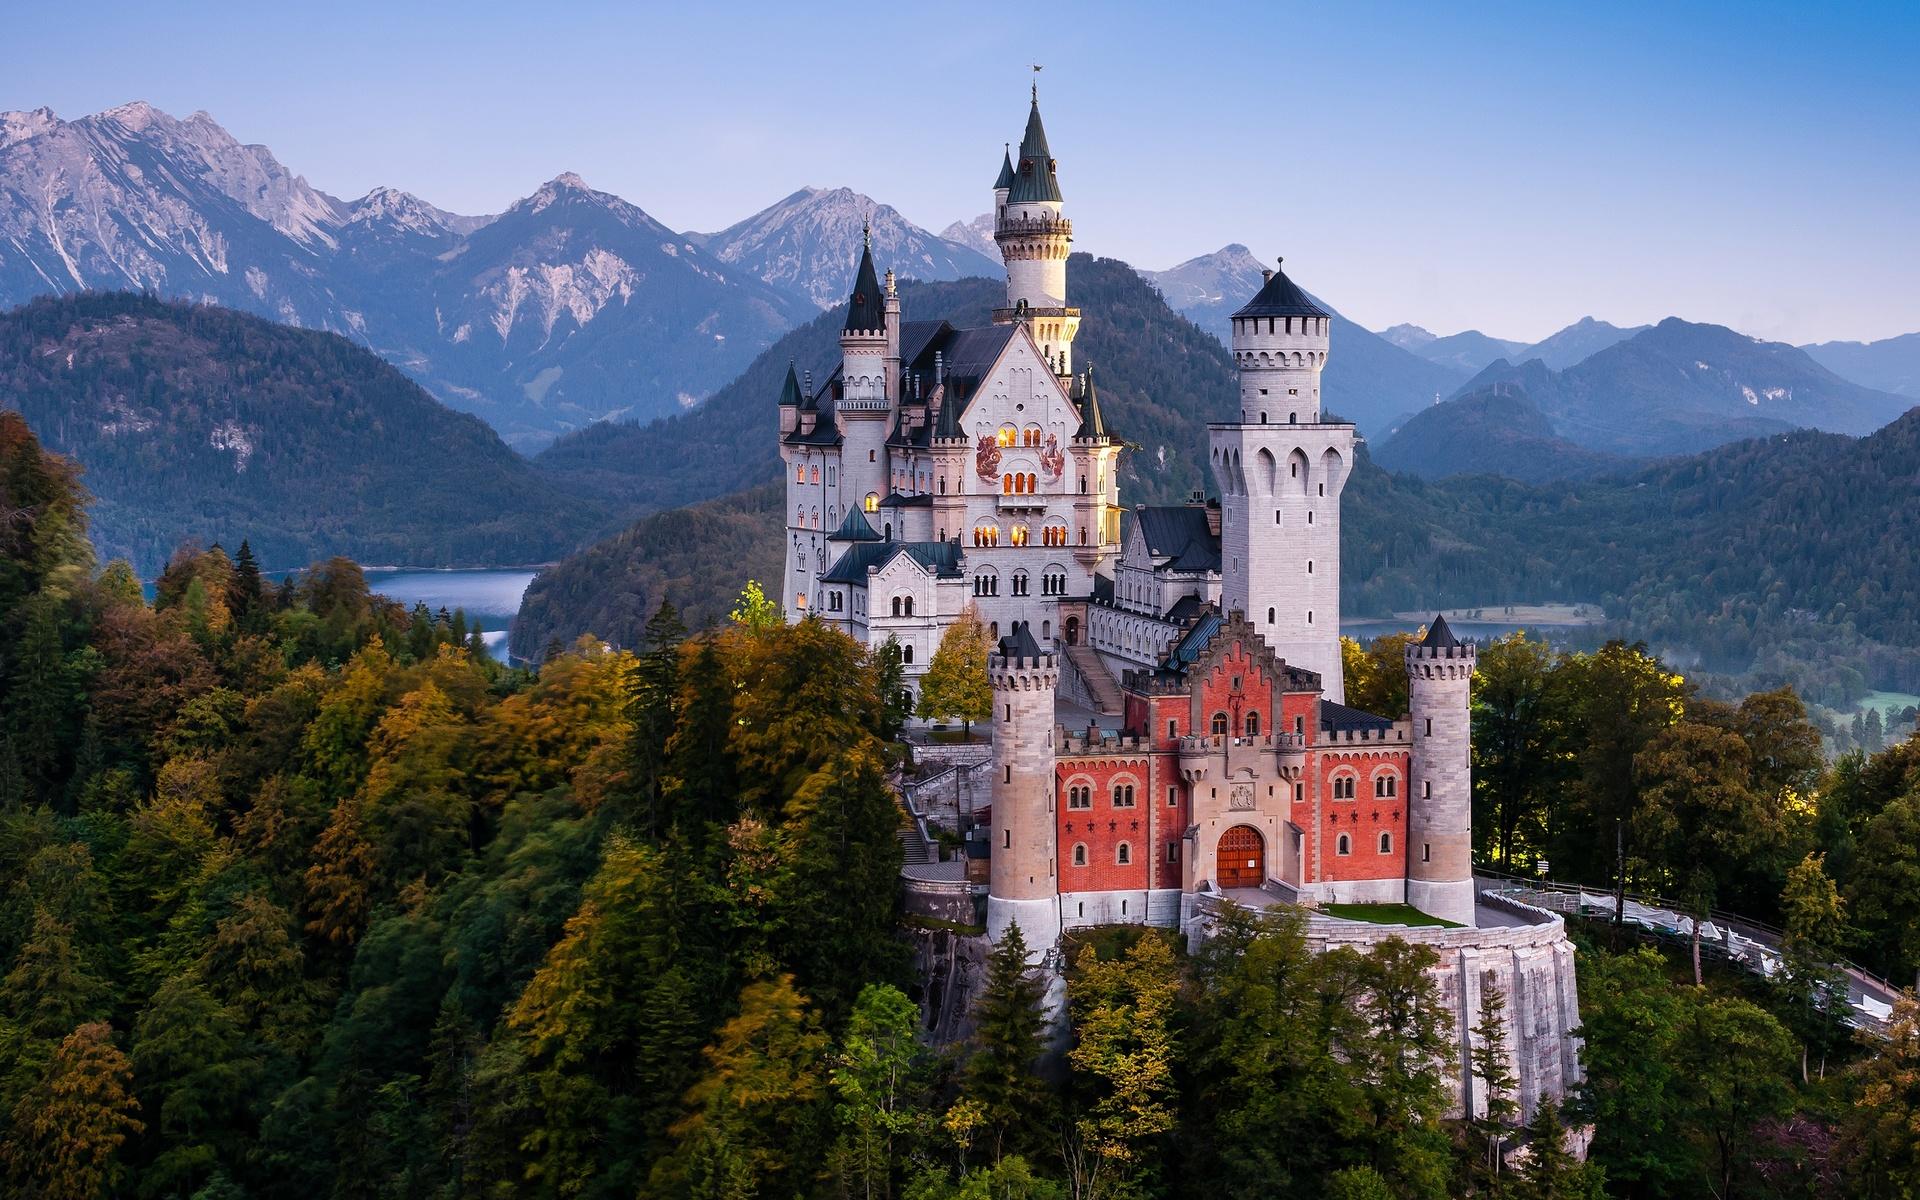 германия, замок, горы, нойшванштайн, бавария, деревья, альпы, башня, природа